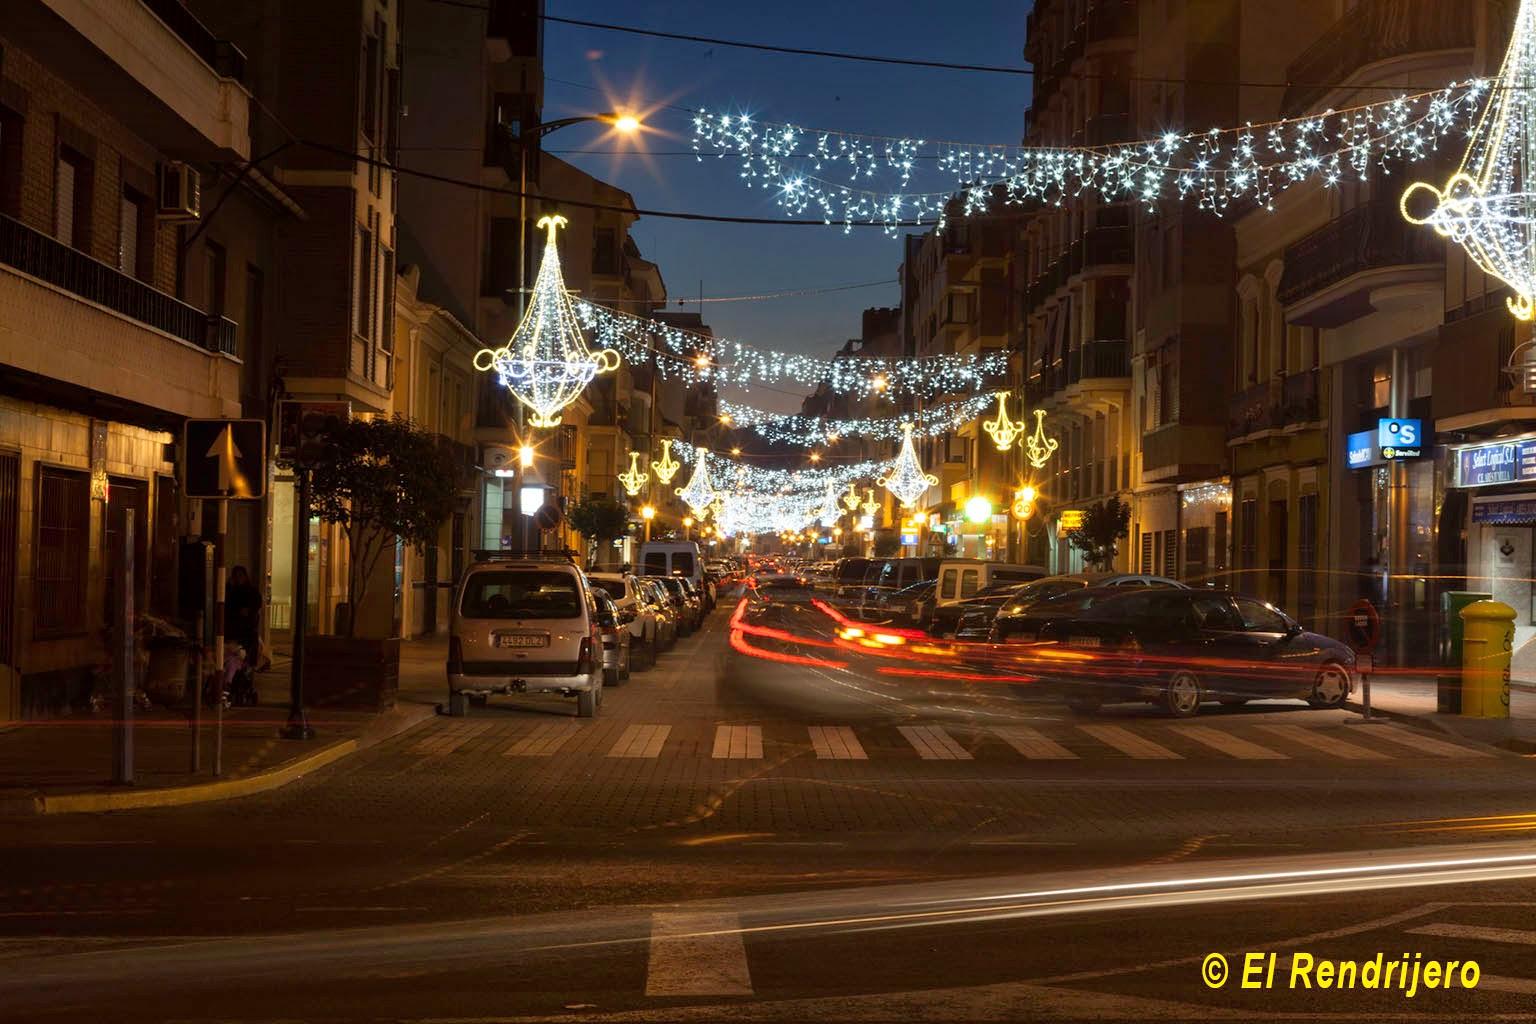 Luminaria de la navidad 2014 en Jumilla